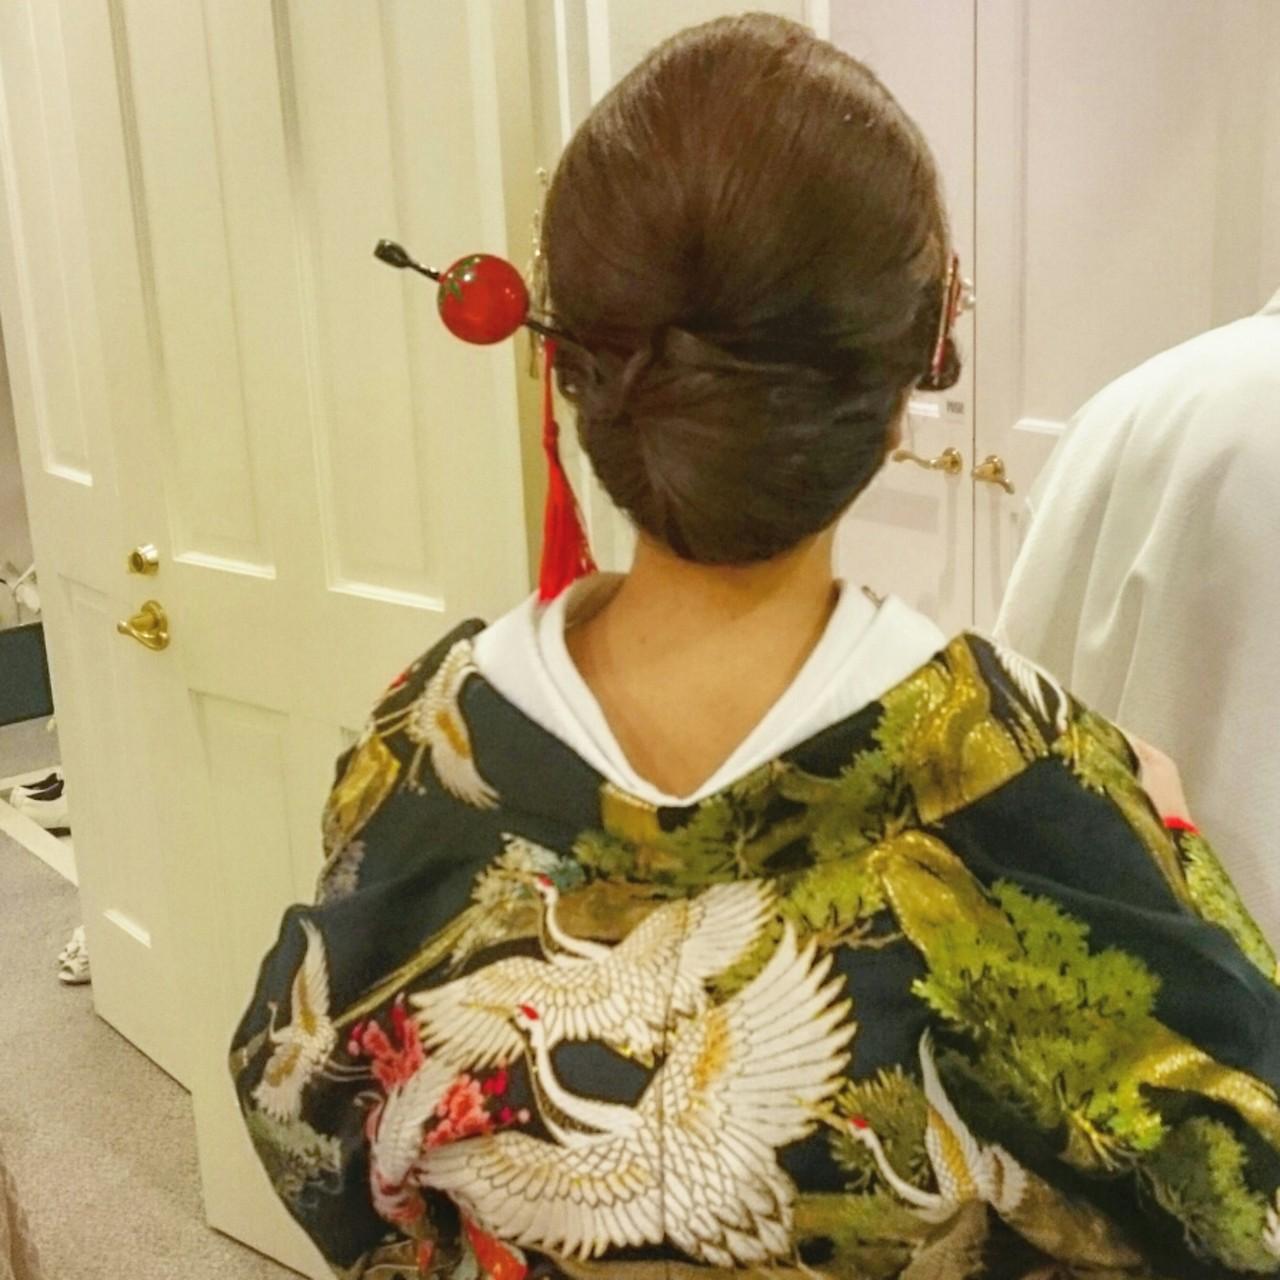 和装 ブライダル ロング 着物 ヘアスタイルや髪型の写真・画像 | 美和遥 FITZ(フィッツ) / 富士美容院 FITZ (フィッツ)